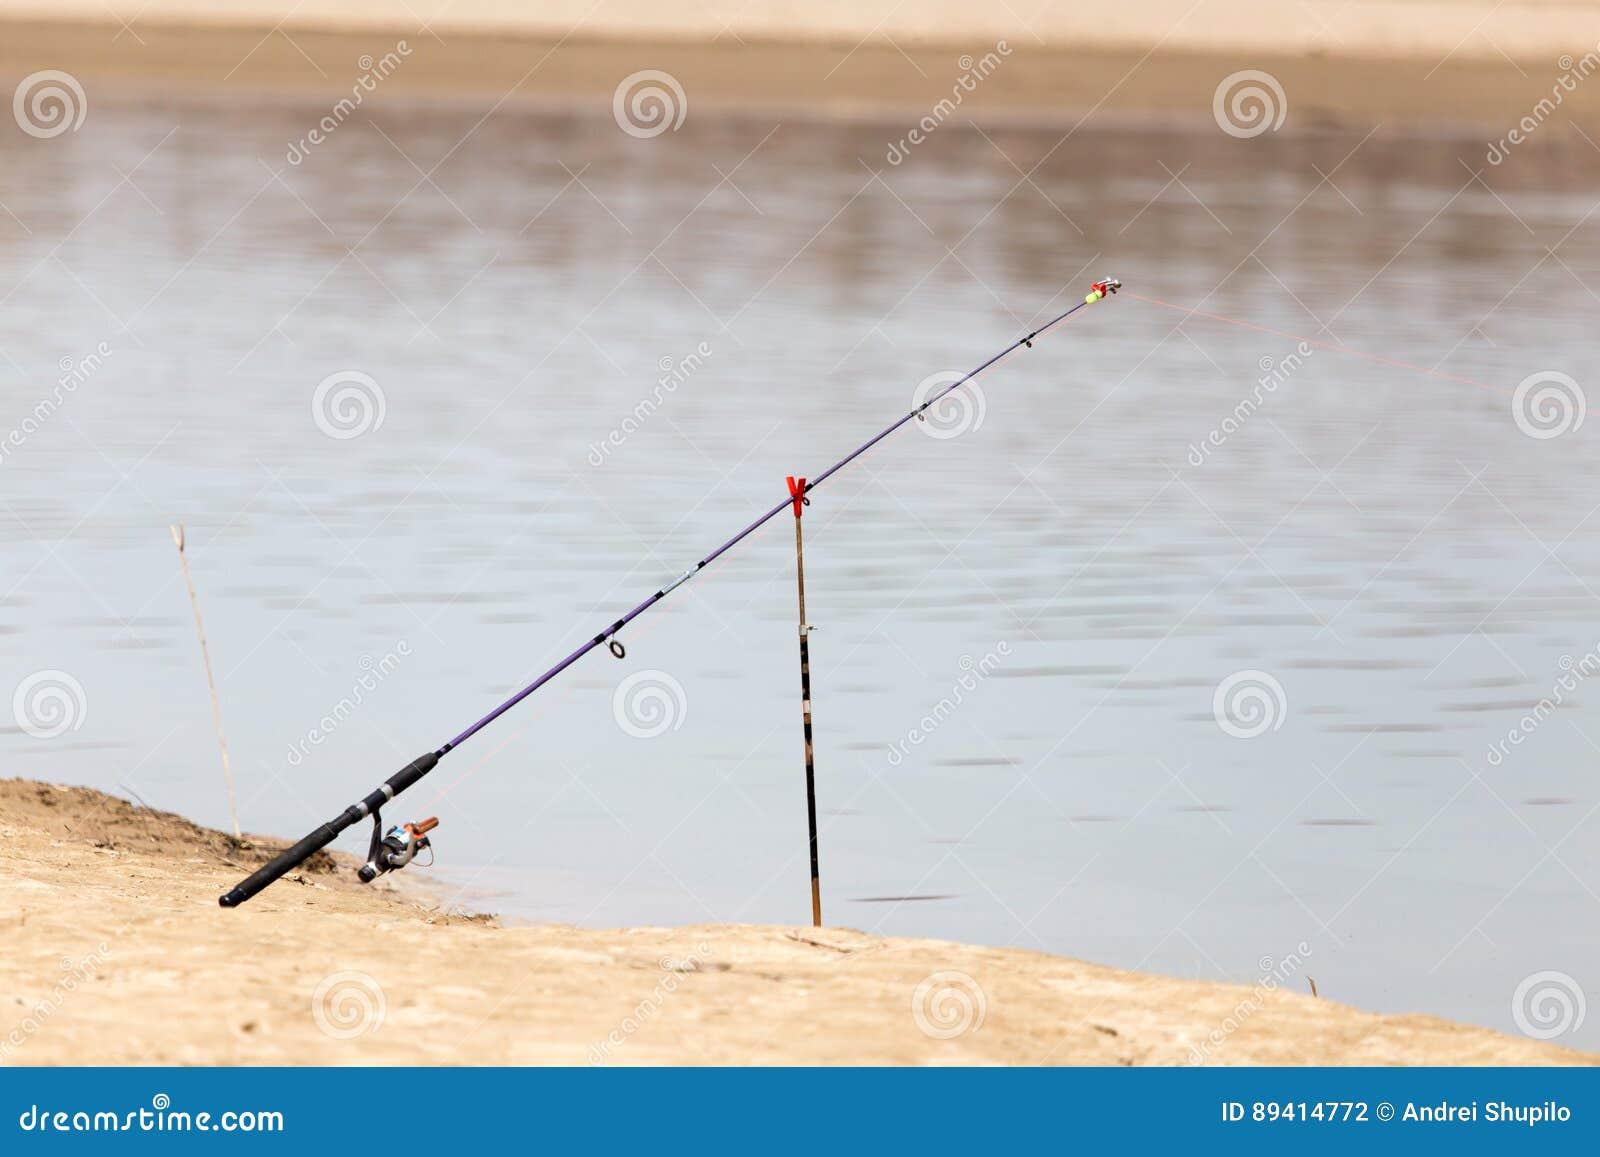 Vara de pesca no banco de rio